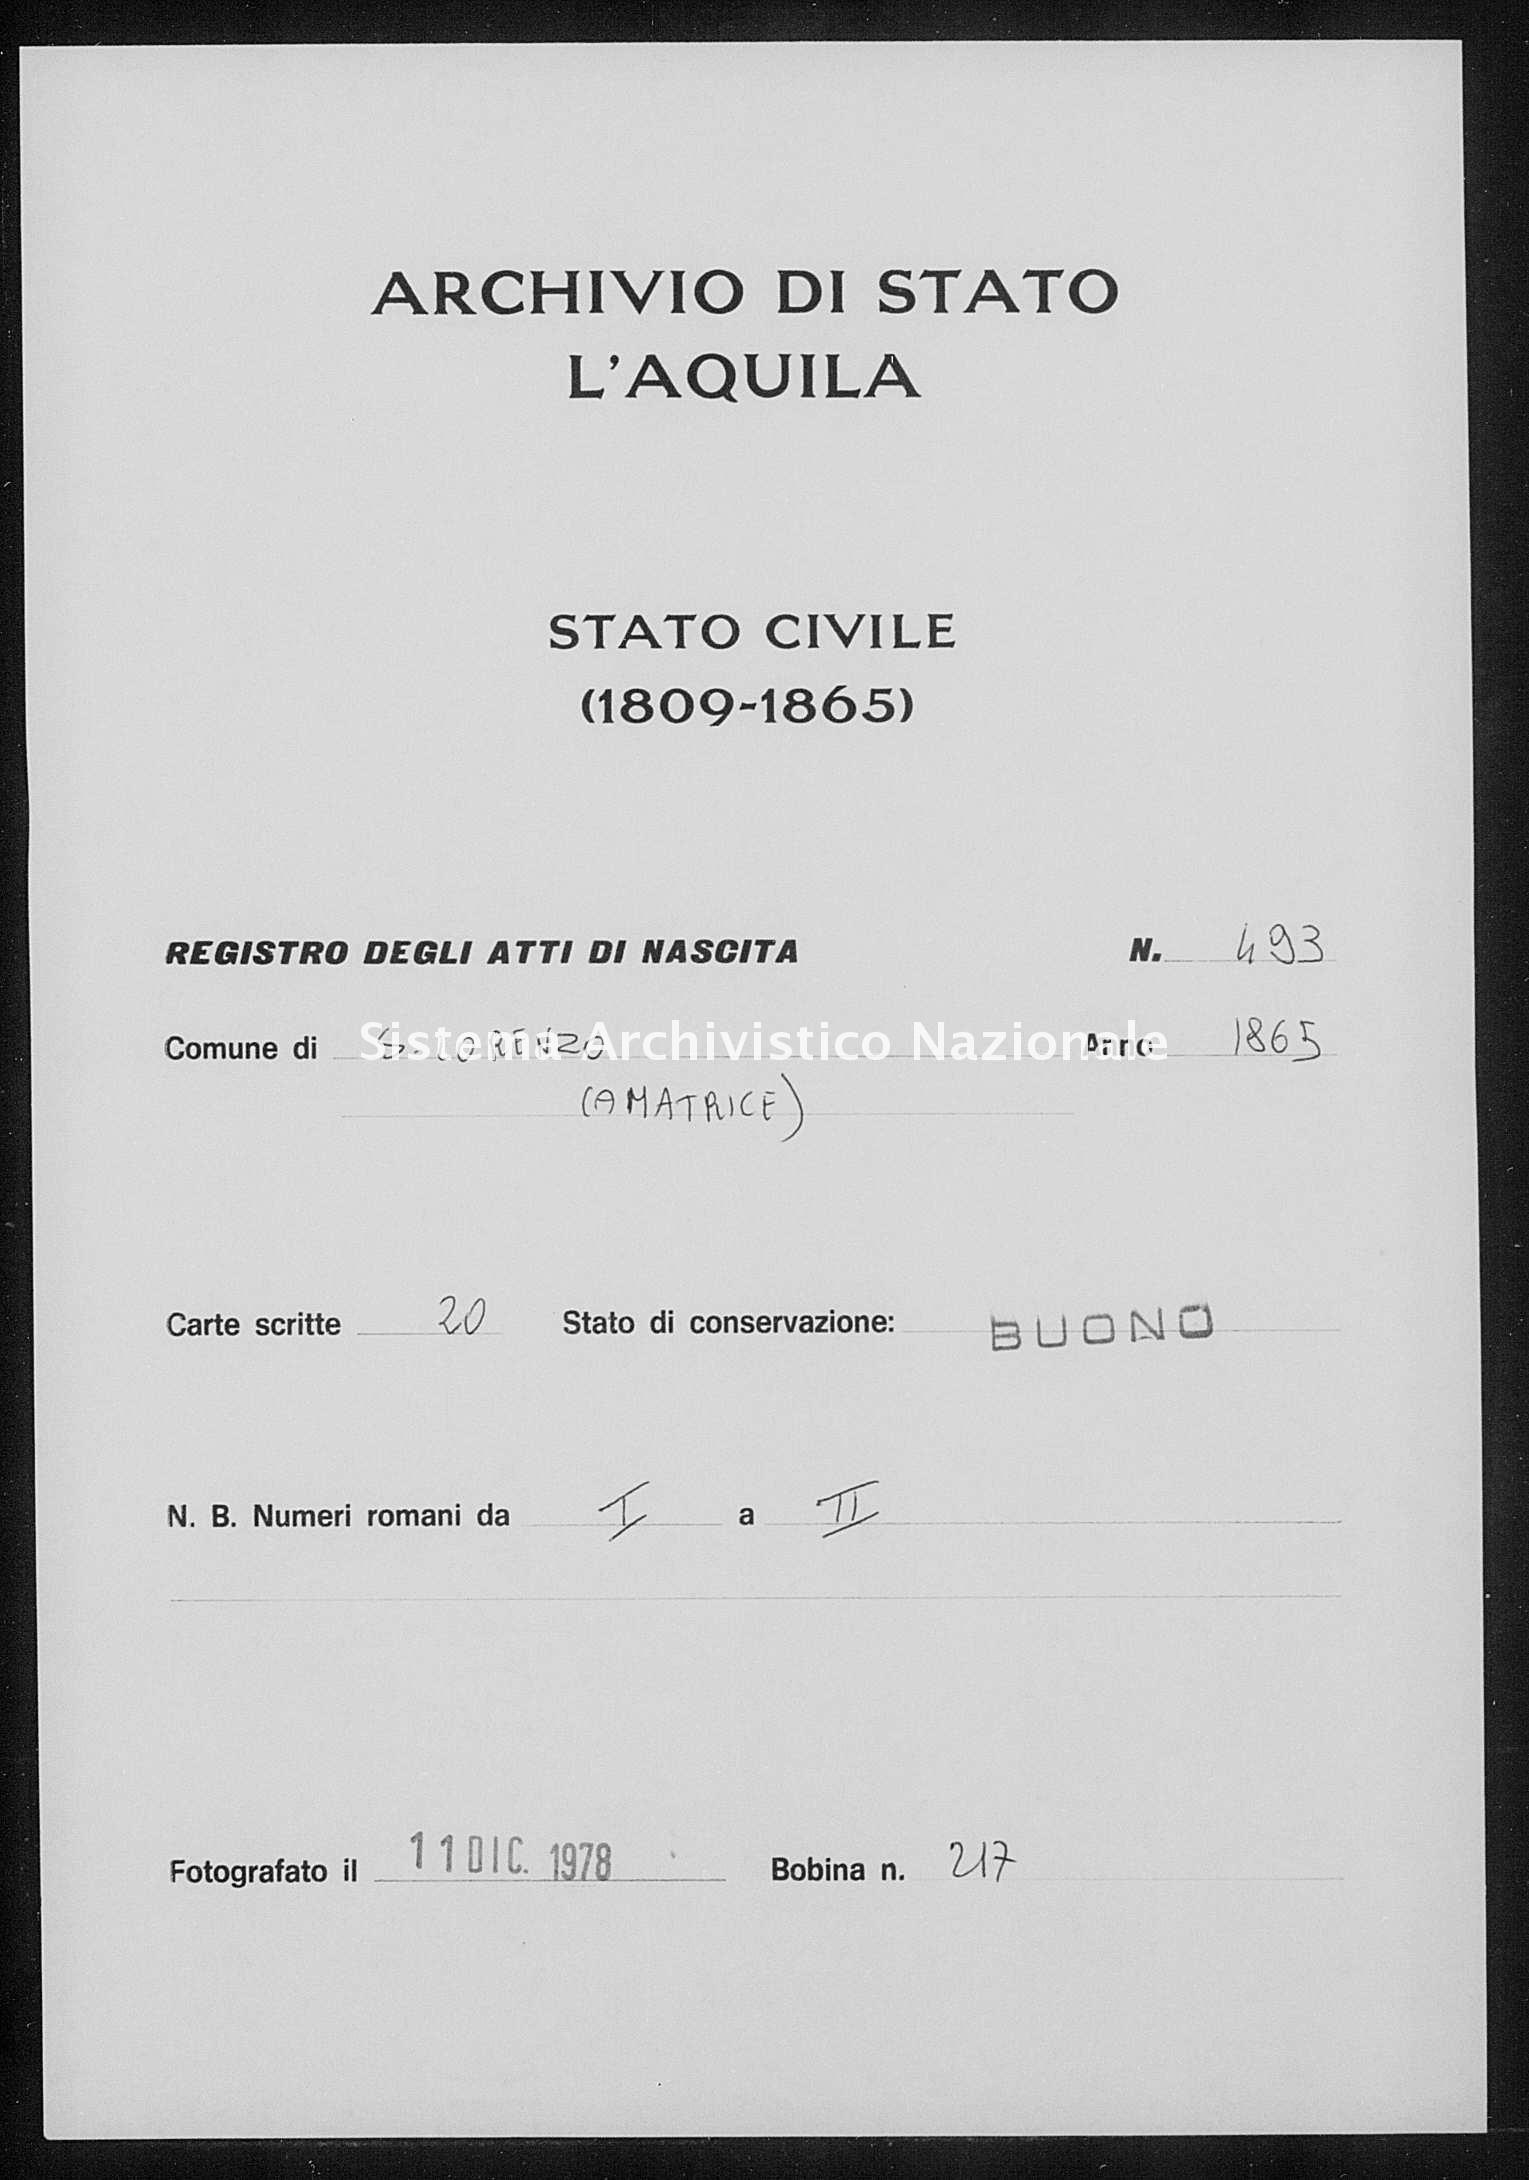 Archivio di stato di L'aquila - Stato civile italiano - San Lorenzo - Nati - 1865 - 493 -